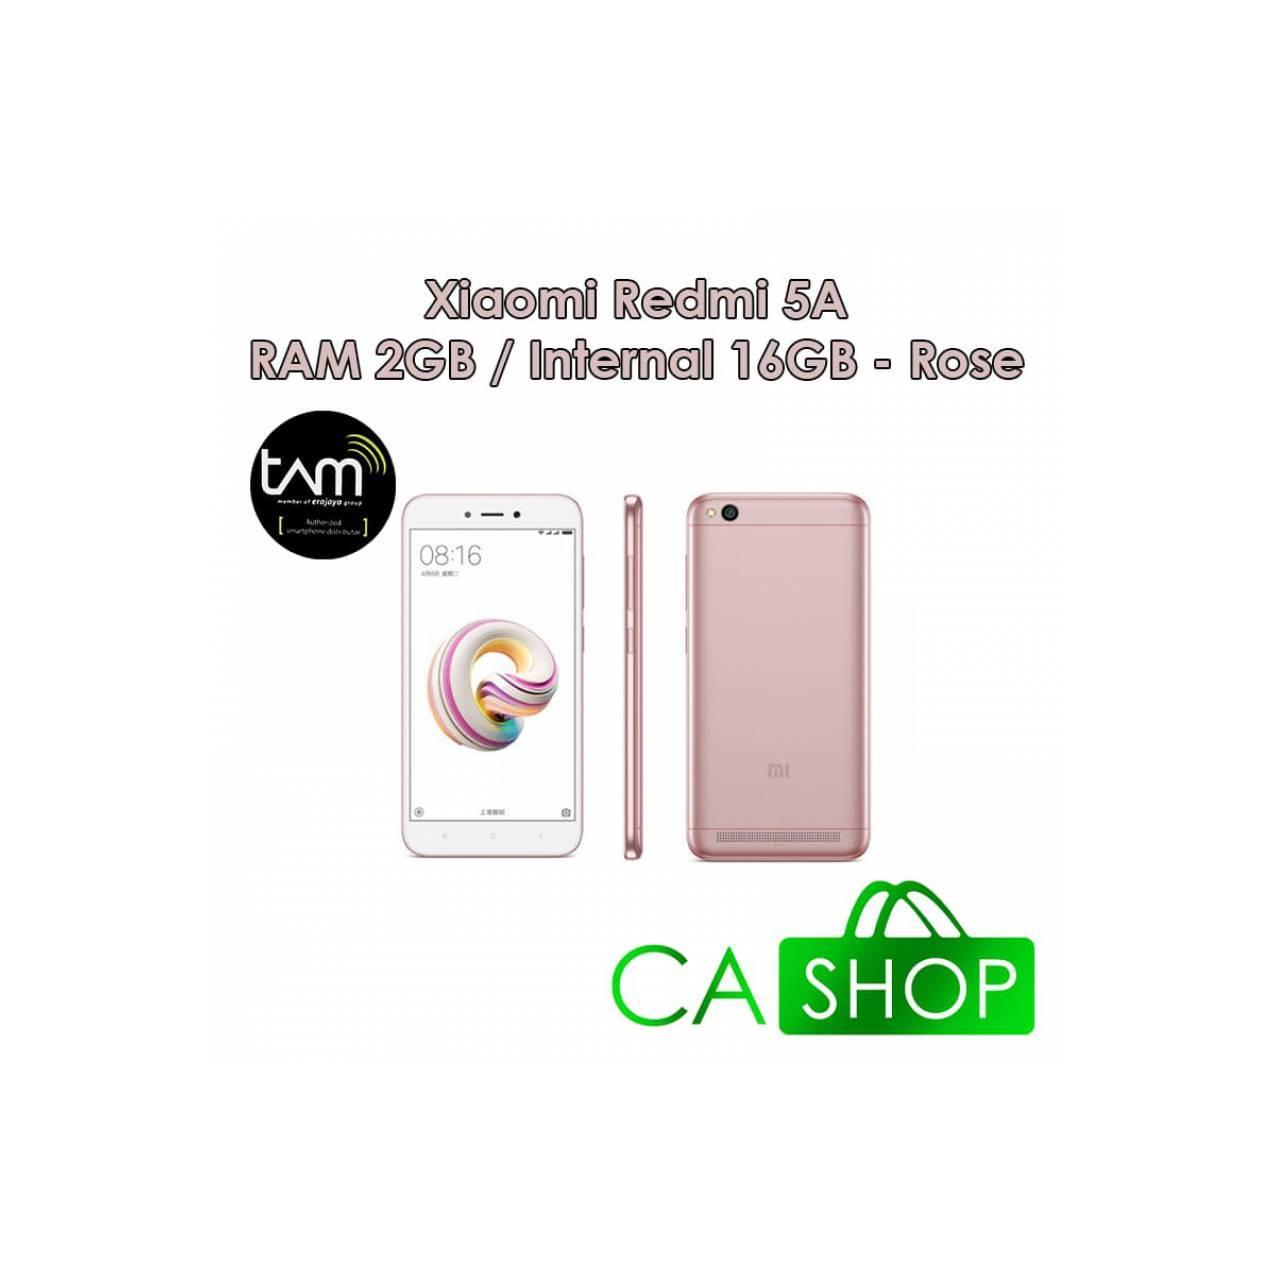 Xiaomi Redmi 5A 2/16 - Rose - Baru NEW - Resmi TAM  - 51314eb6a46a2f1ff171fd861ab5d256 - Update Harga Terbaru Hp Baru Xiaomi Redmi 5 Agustus 2018